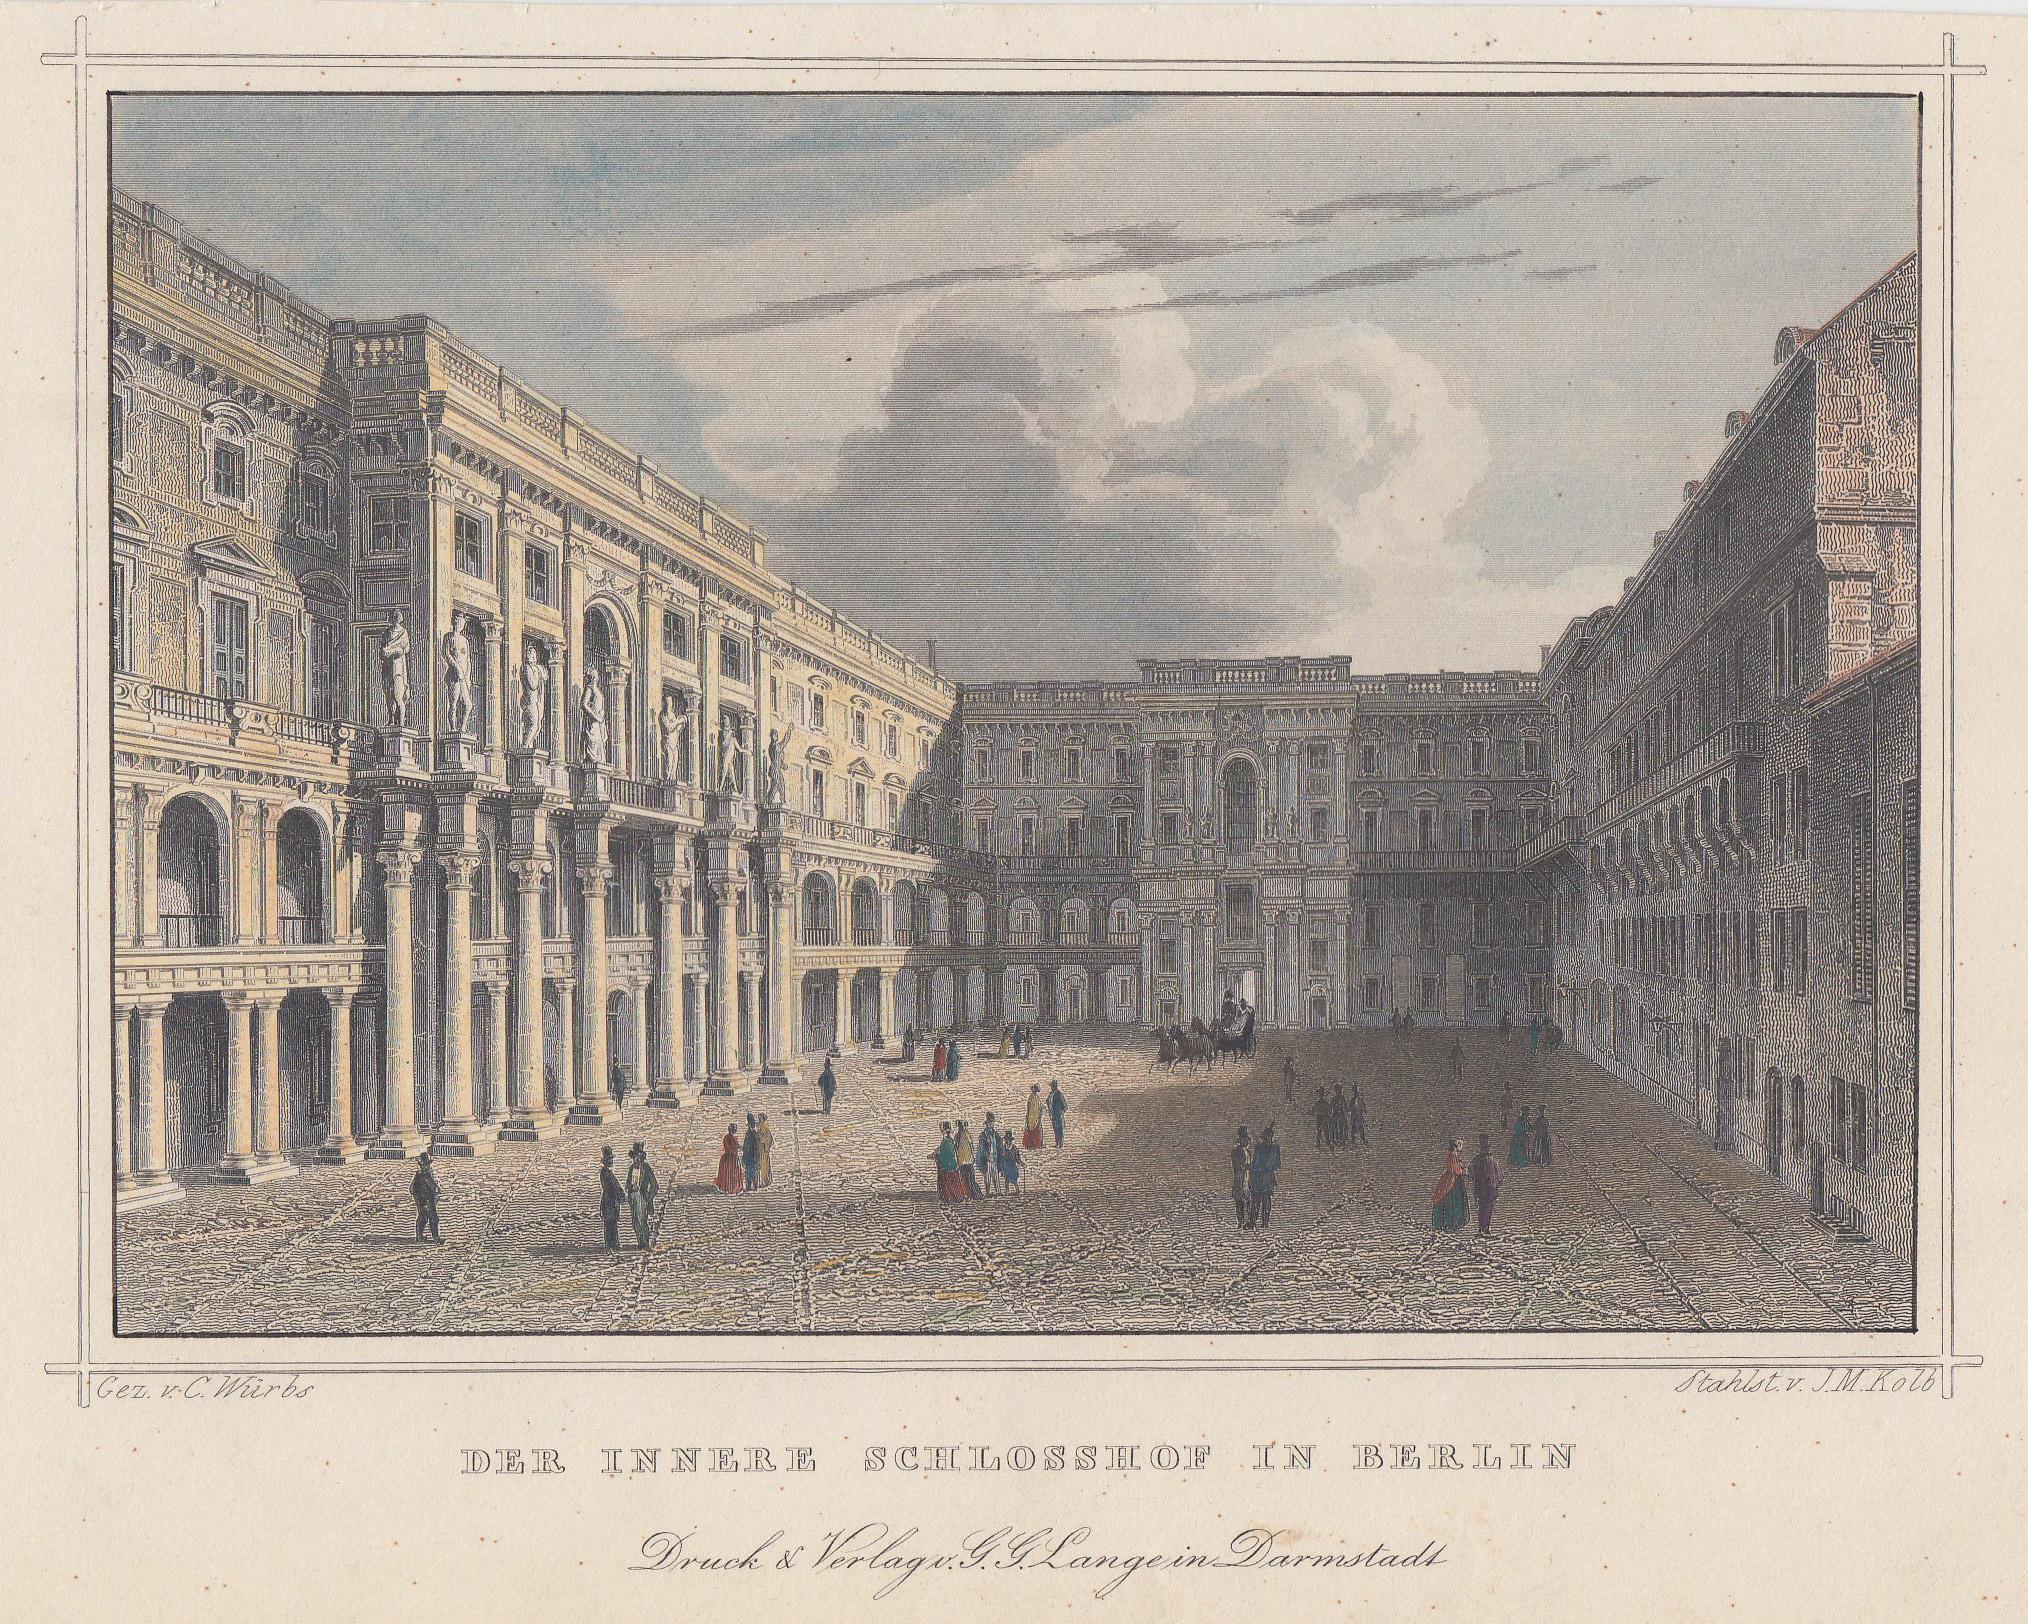 """Schloßhof, """"Der innere Schlosshof in Berlin"""".: Berlin - Schloss:"""